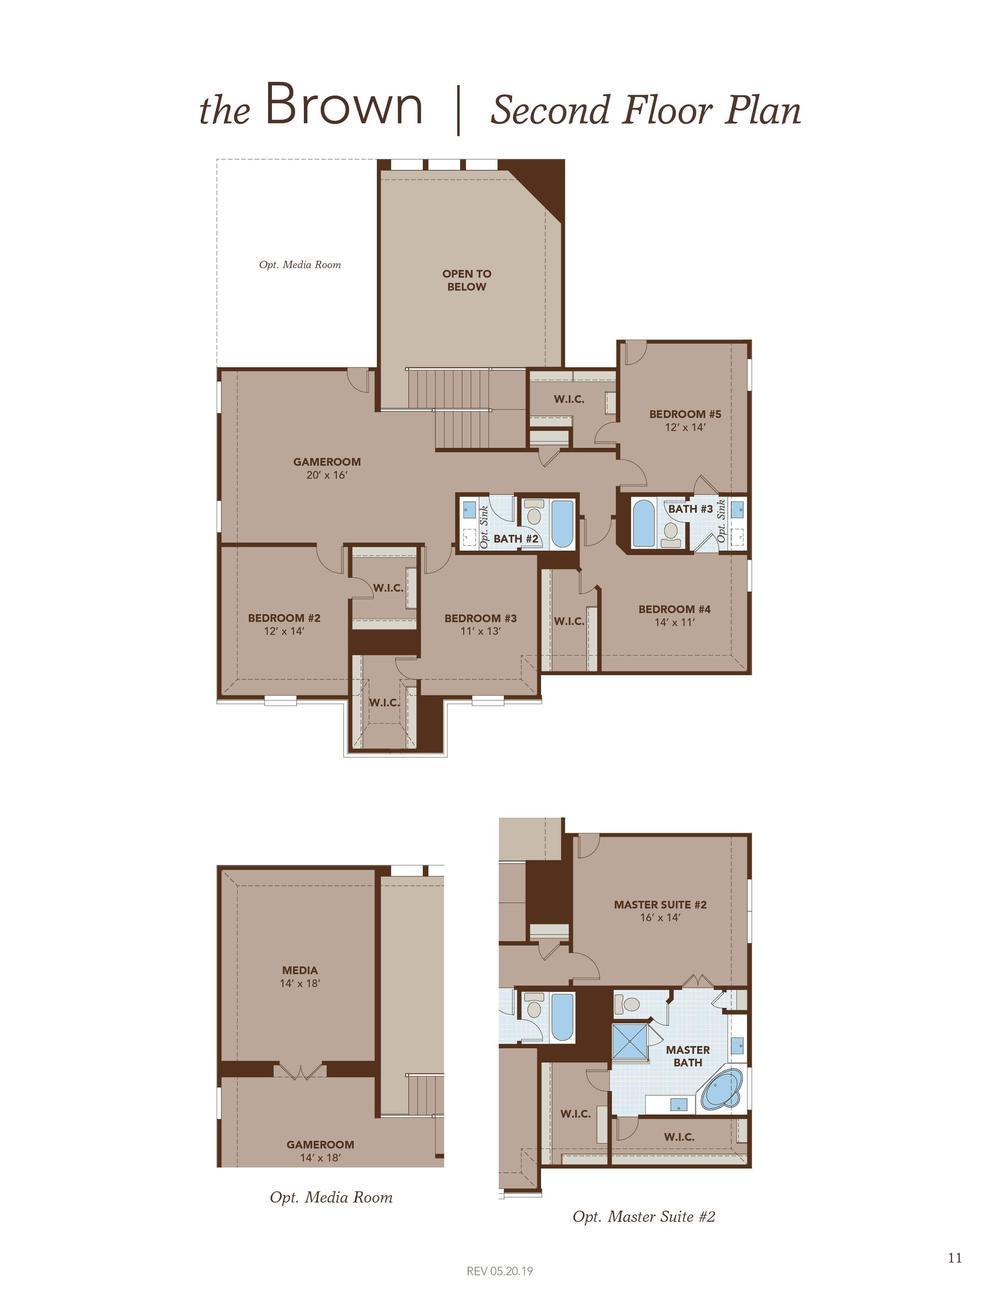 Brown Second Floor Plan